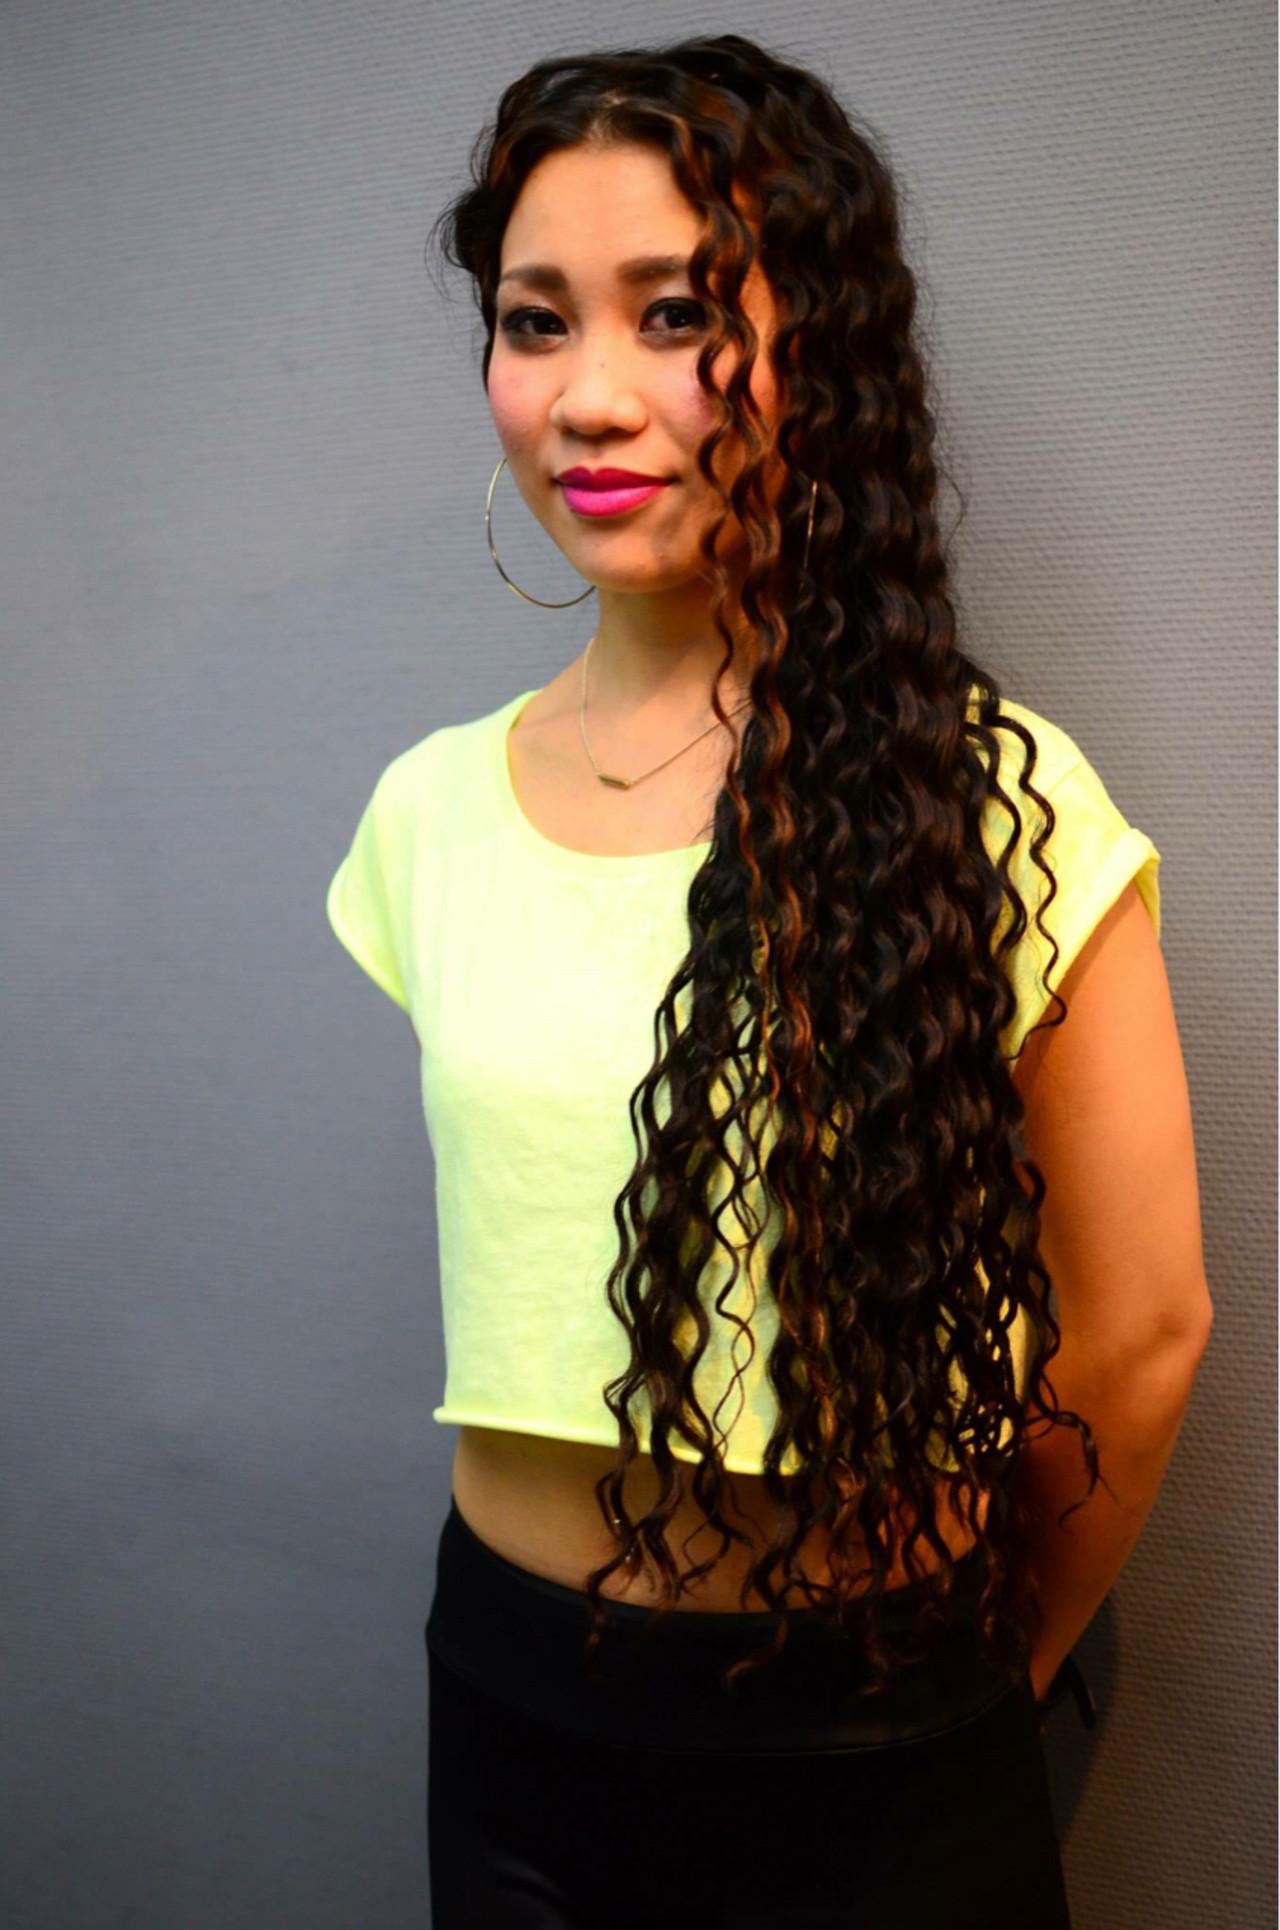 パーマ スパイラルパーマ 暗髪 ロング ヘアスタイルや髪型の写真・画像